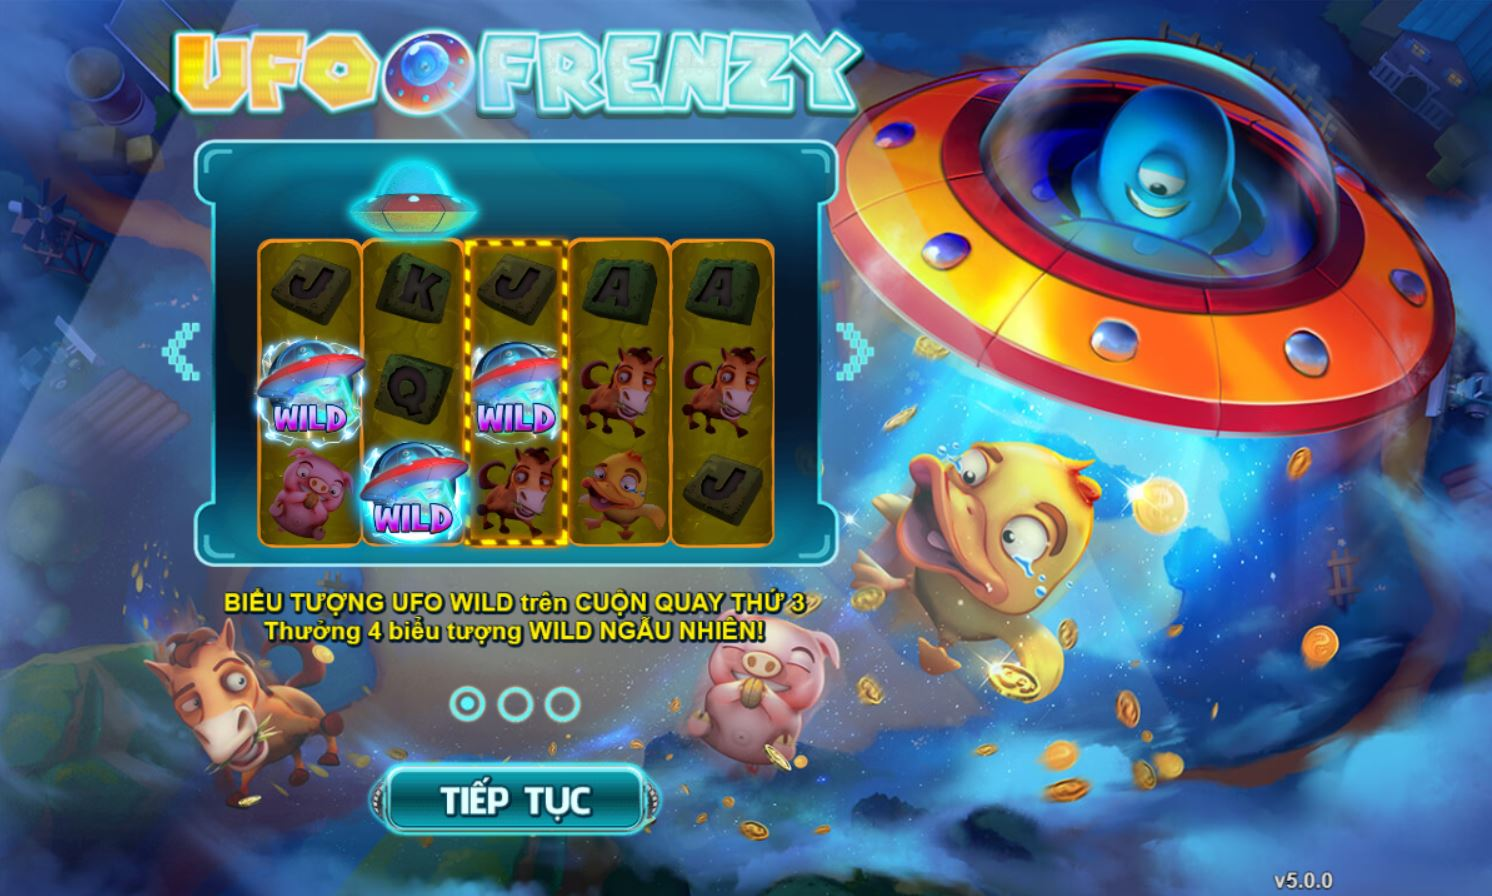 Review những tính năng đặc biệt trong game quay hũ UFO Frenzy